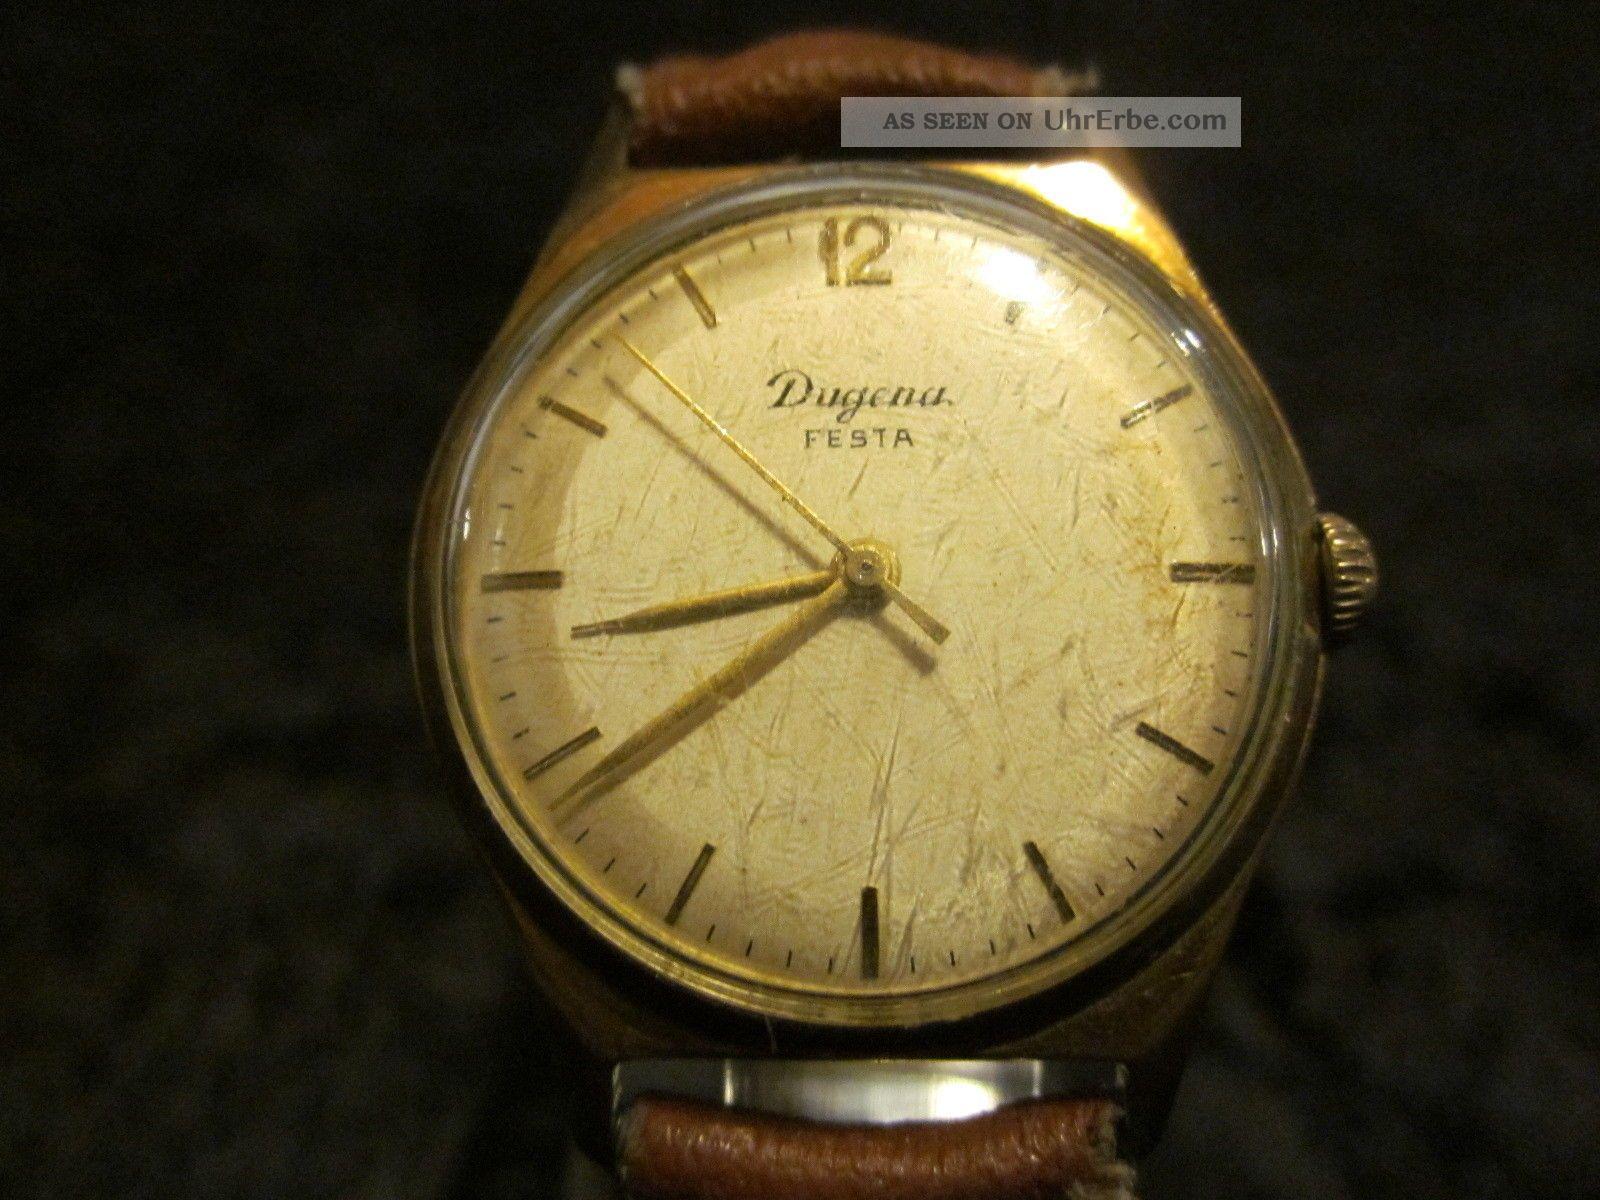 Dugena Festa Uhr Uhren Handaufzug Hau Deutschland Germany 20 Micron Gold Armbanduhren Bild